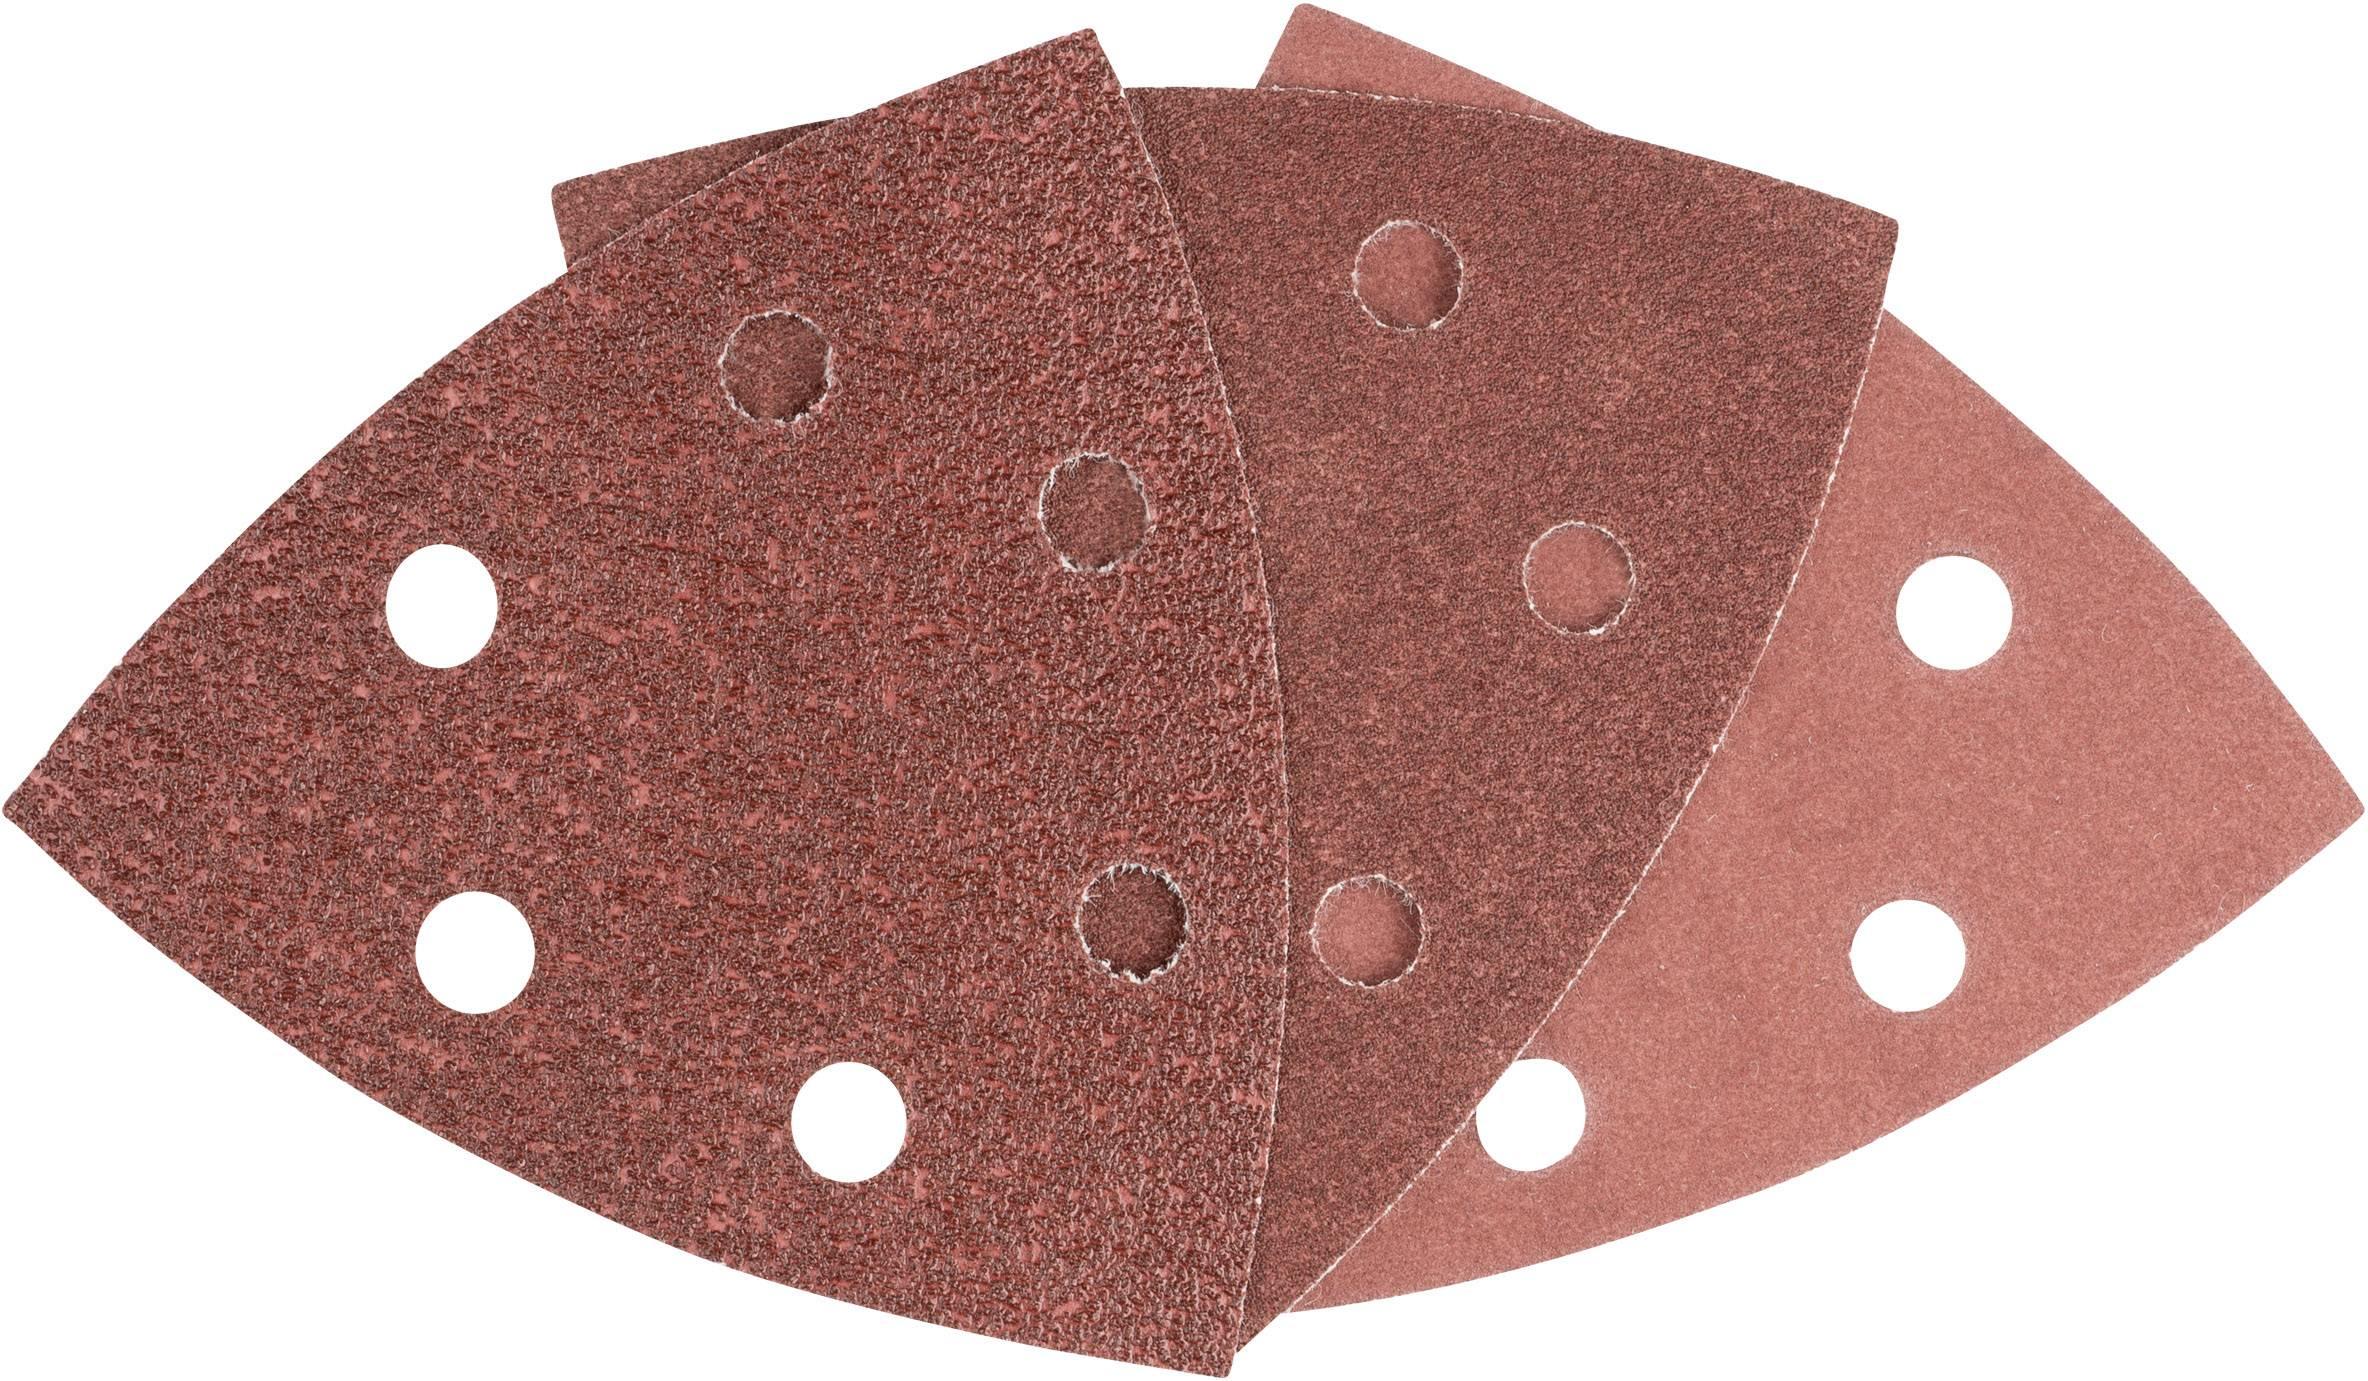 Sada brúsneho papiera pre delta brúsky Bosch Accessories 93 MM 6 2608605191 na suchý zips, s otvormi, zrnitosť 60, 120, 240, 1 sada